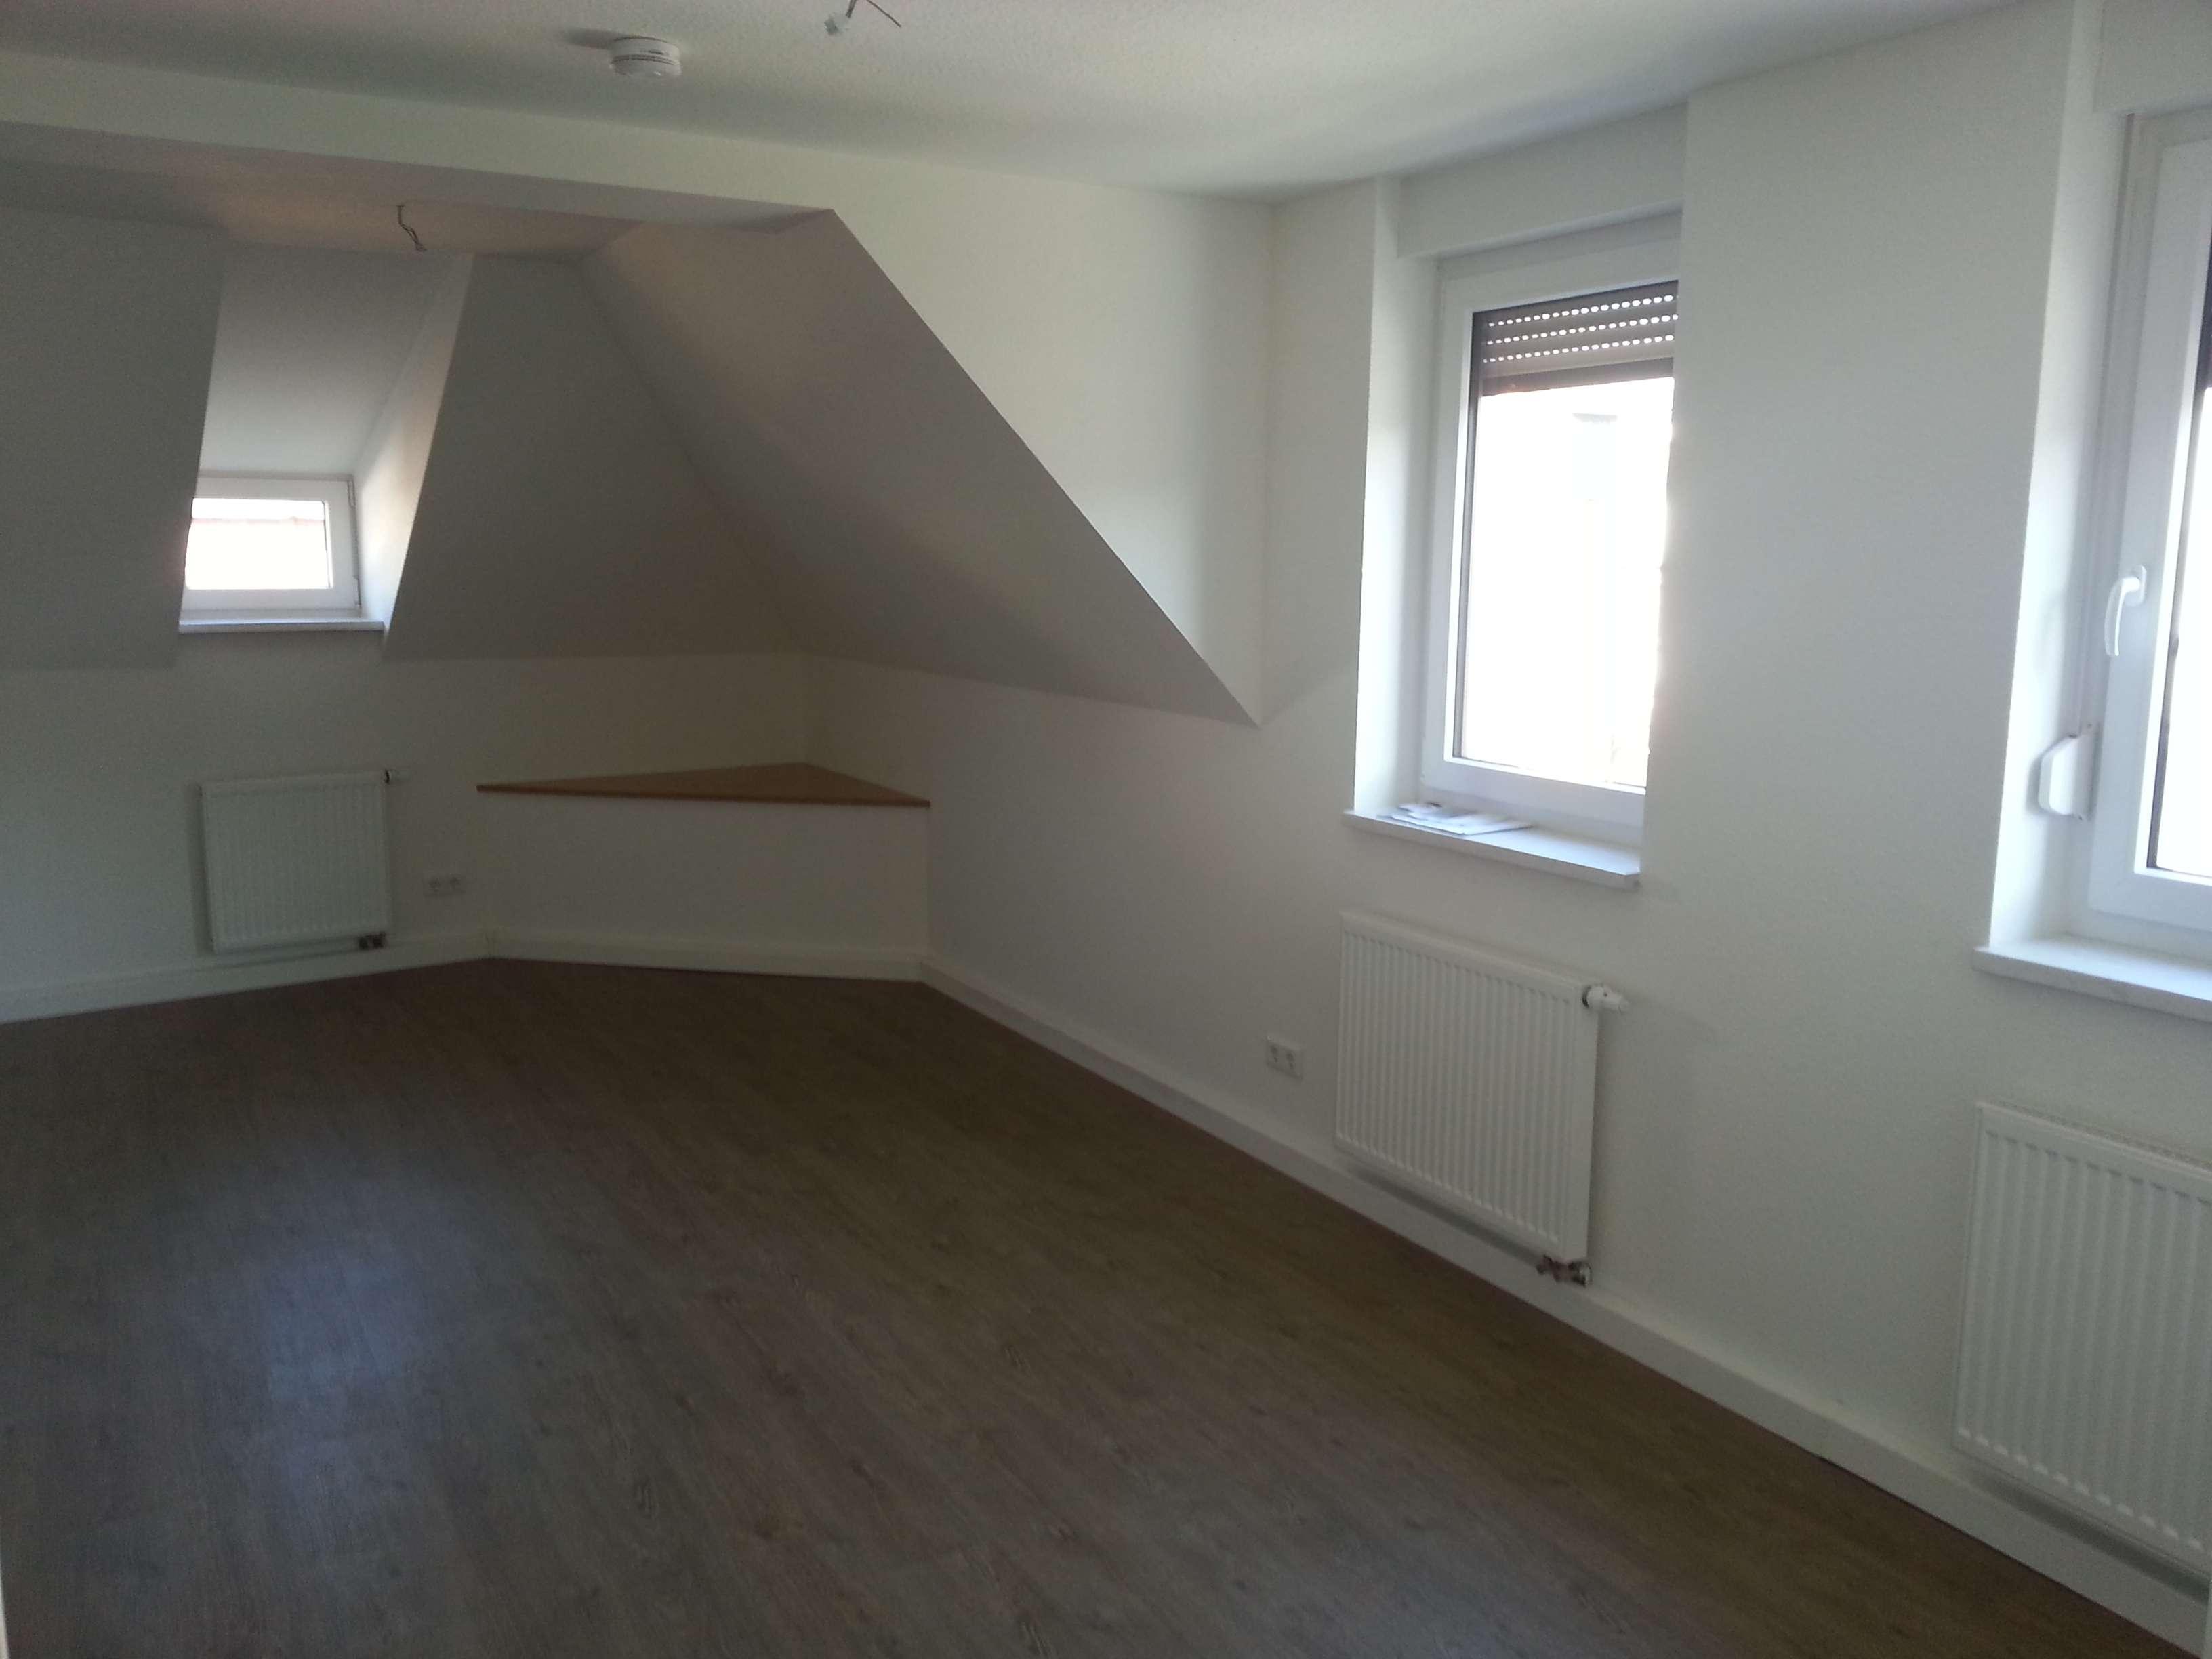 Sehr zentral in Neustadt: neu renovierte 2-Zimmerwohnung im 2.OG, schöne Aussicht, Einbauküche